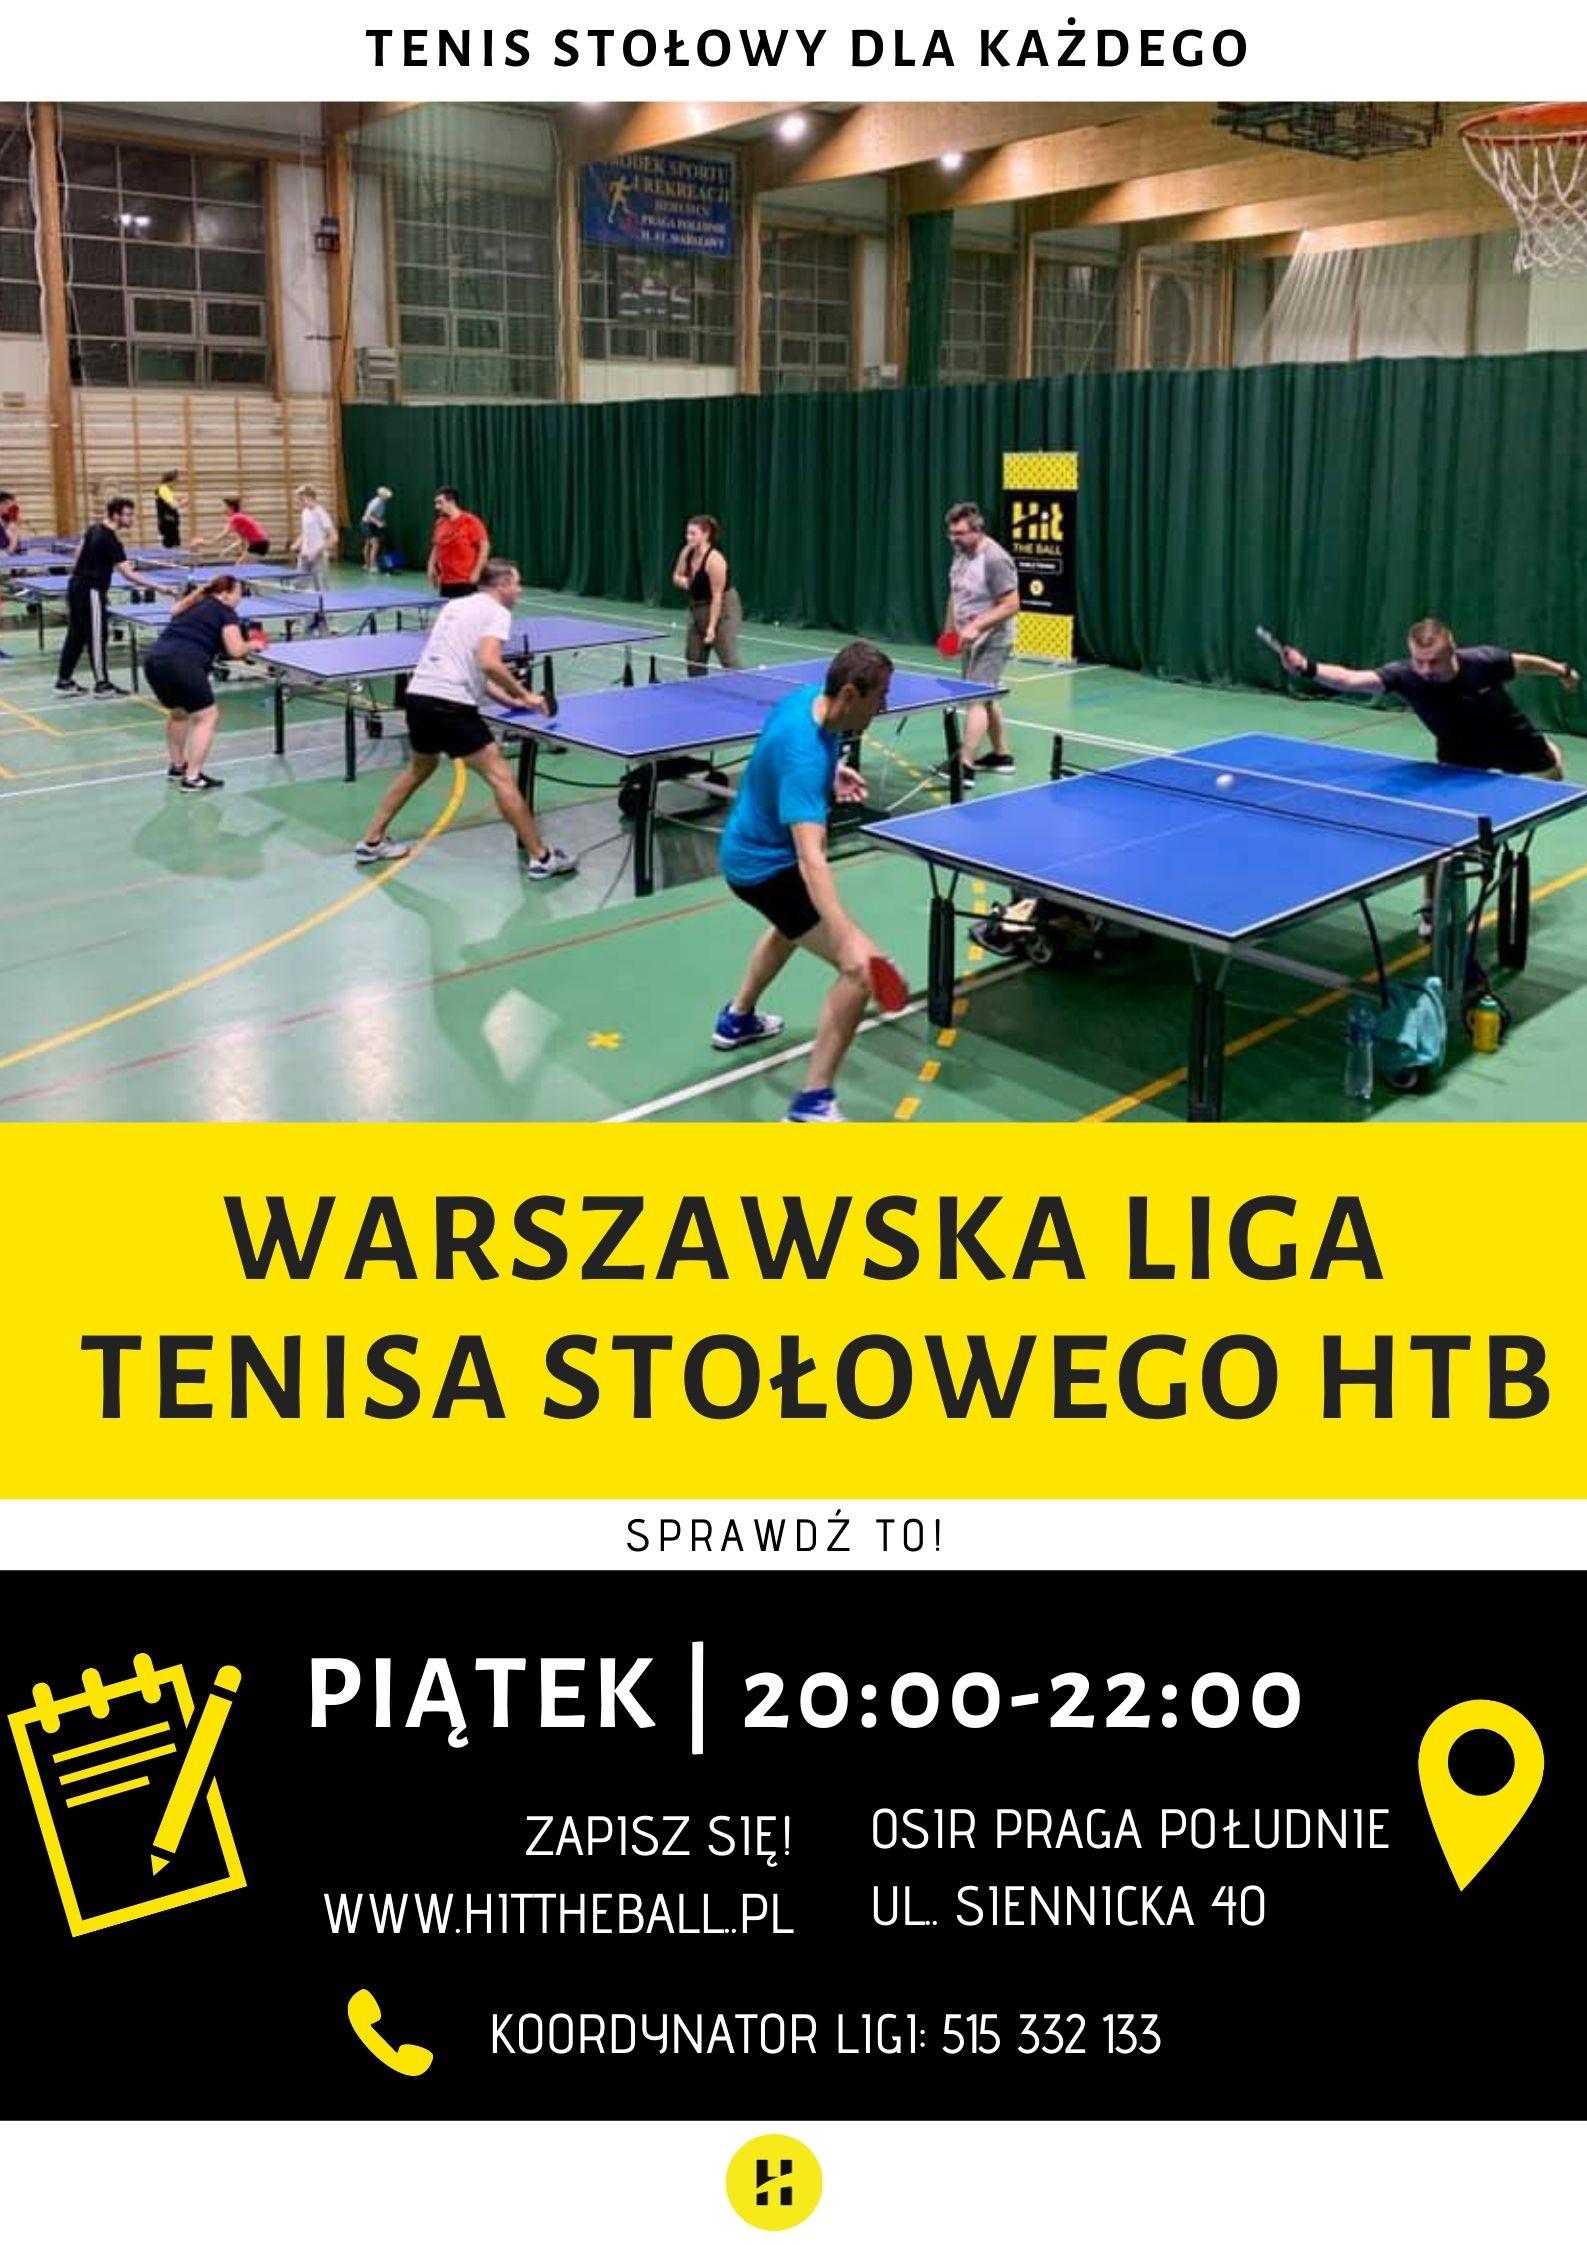 Plakat turnieju Warszawa Liga Tenisa Stołowego 2020 - 8 termin